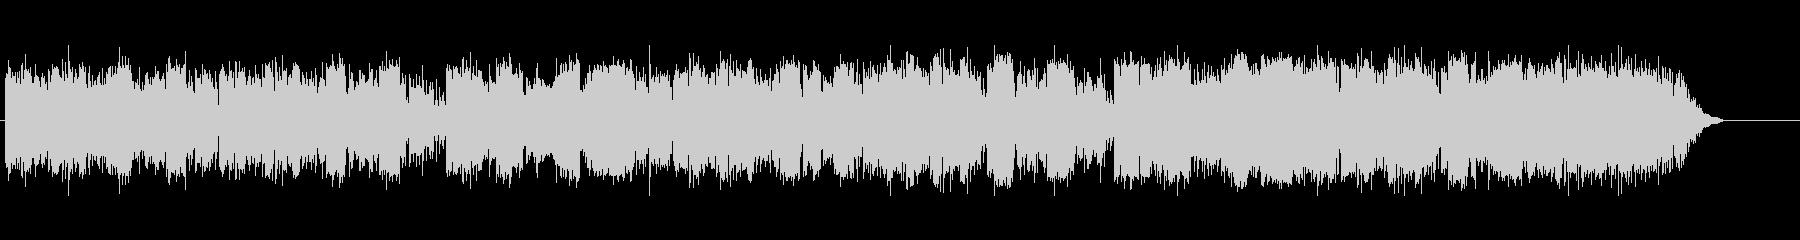 幻想的な北欧フェアリーテイルの曲の未再生の波形